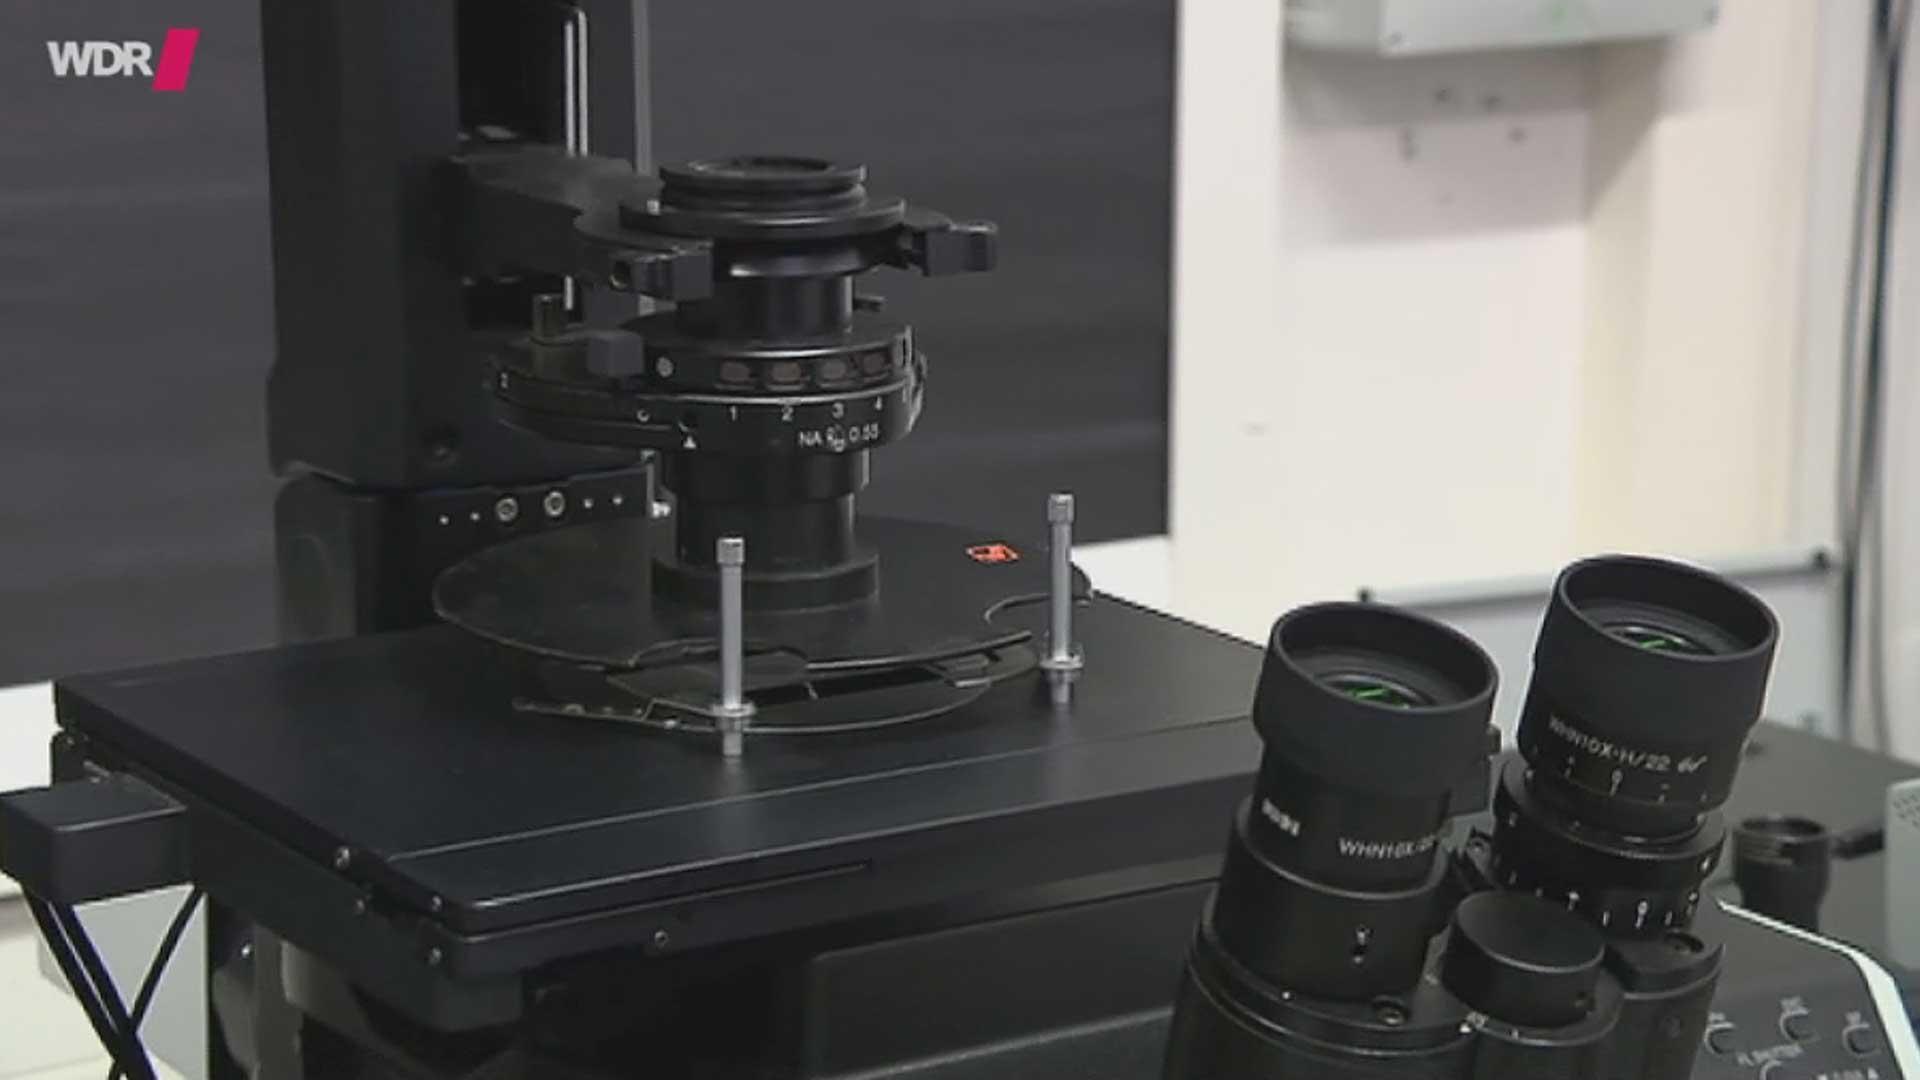 Dauerpräparate zum mikroskopieren